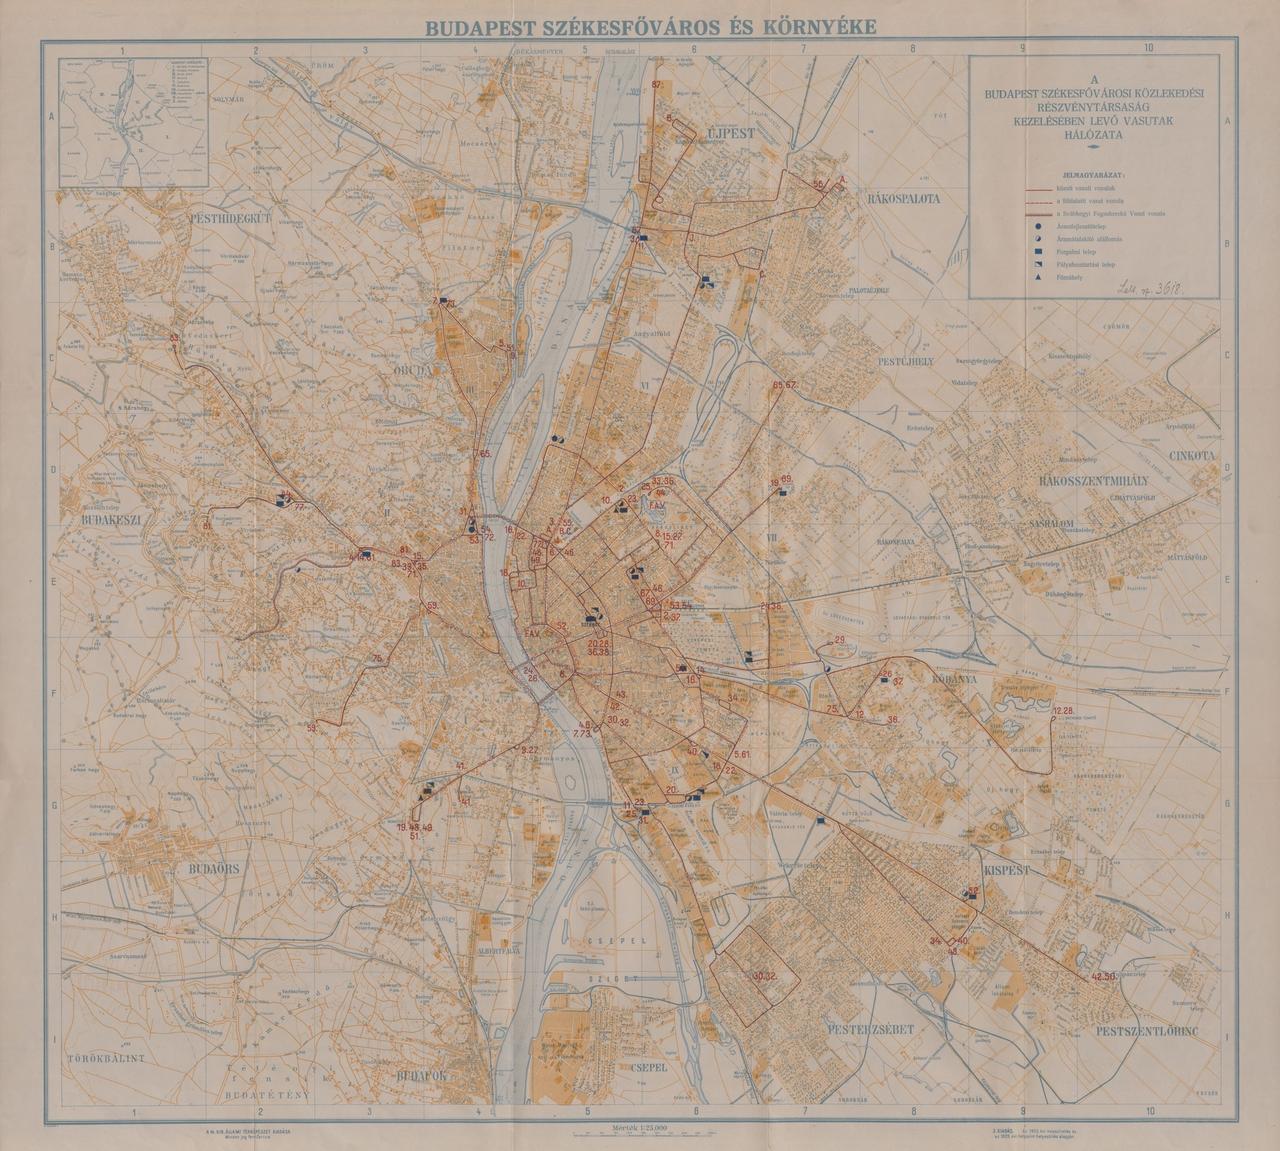 A Budapest Székesfőváros Közlekedési Részvénytársaság kezelésében lévő vasutak hálózata, 1928